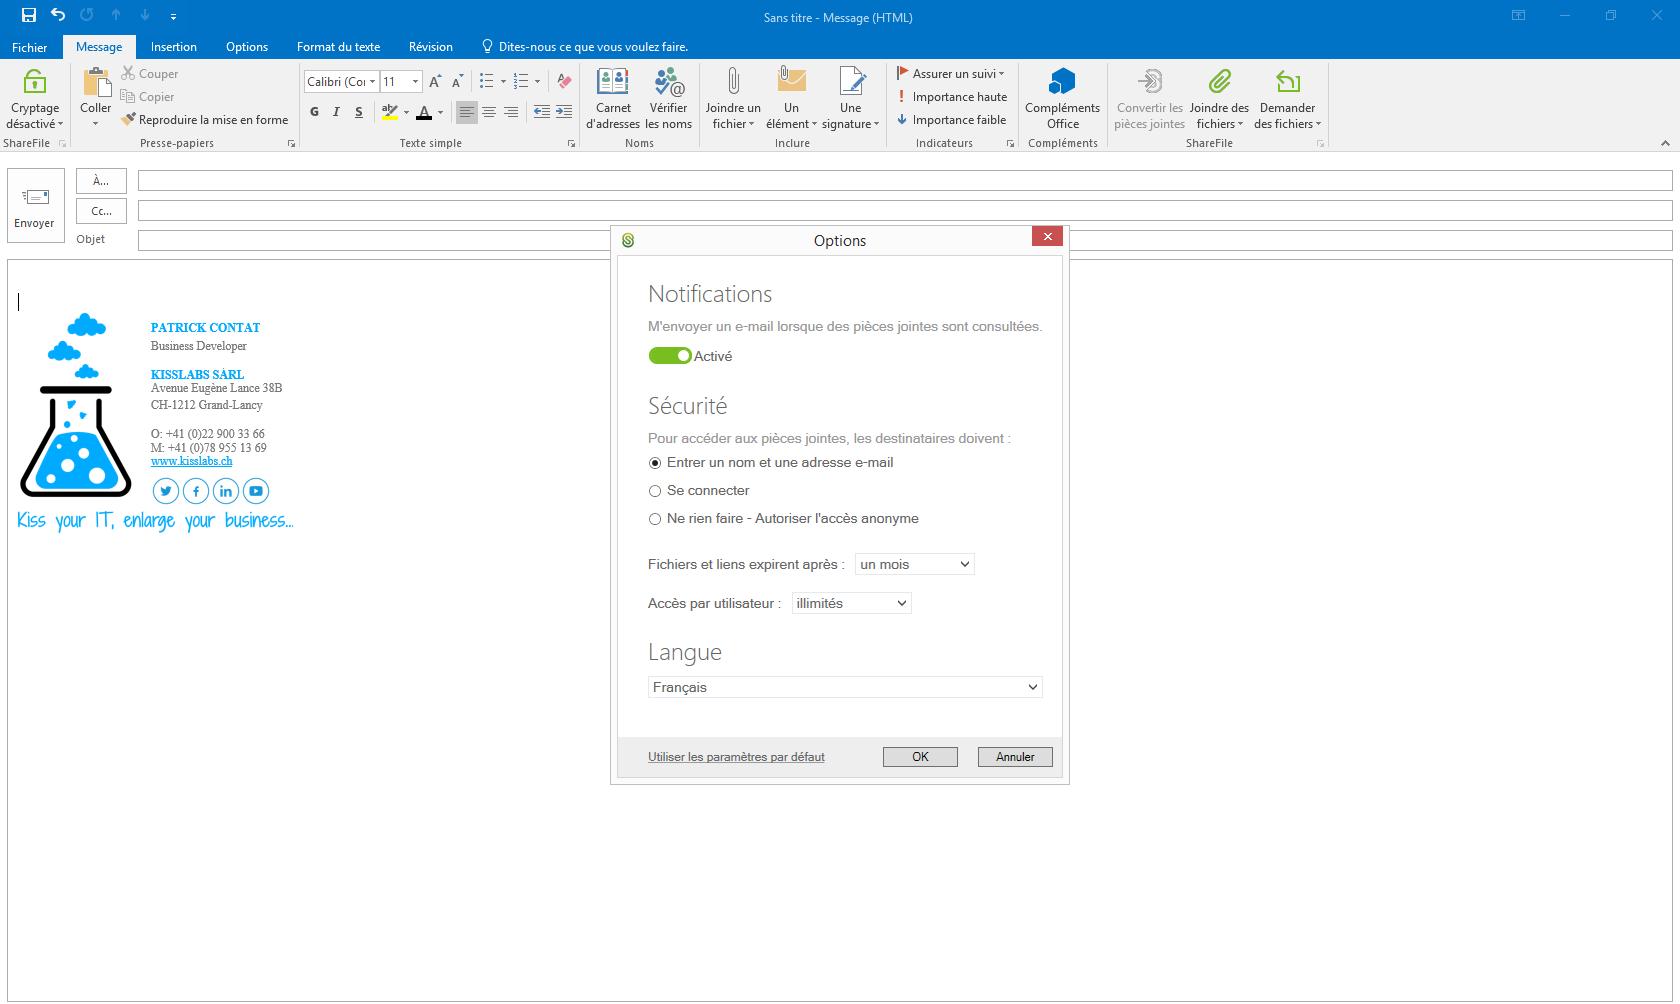 KissFile - Citrix ShareFile - Joindre fichier via Outlook paramètrage